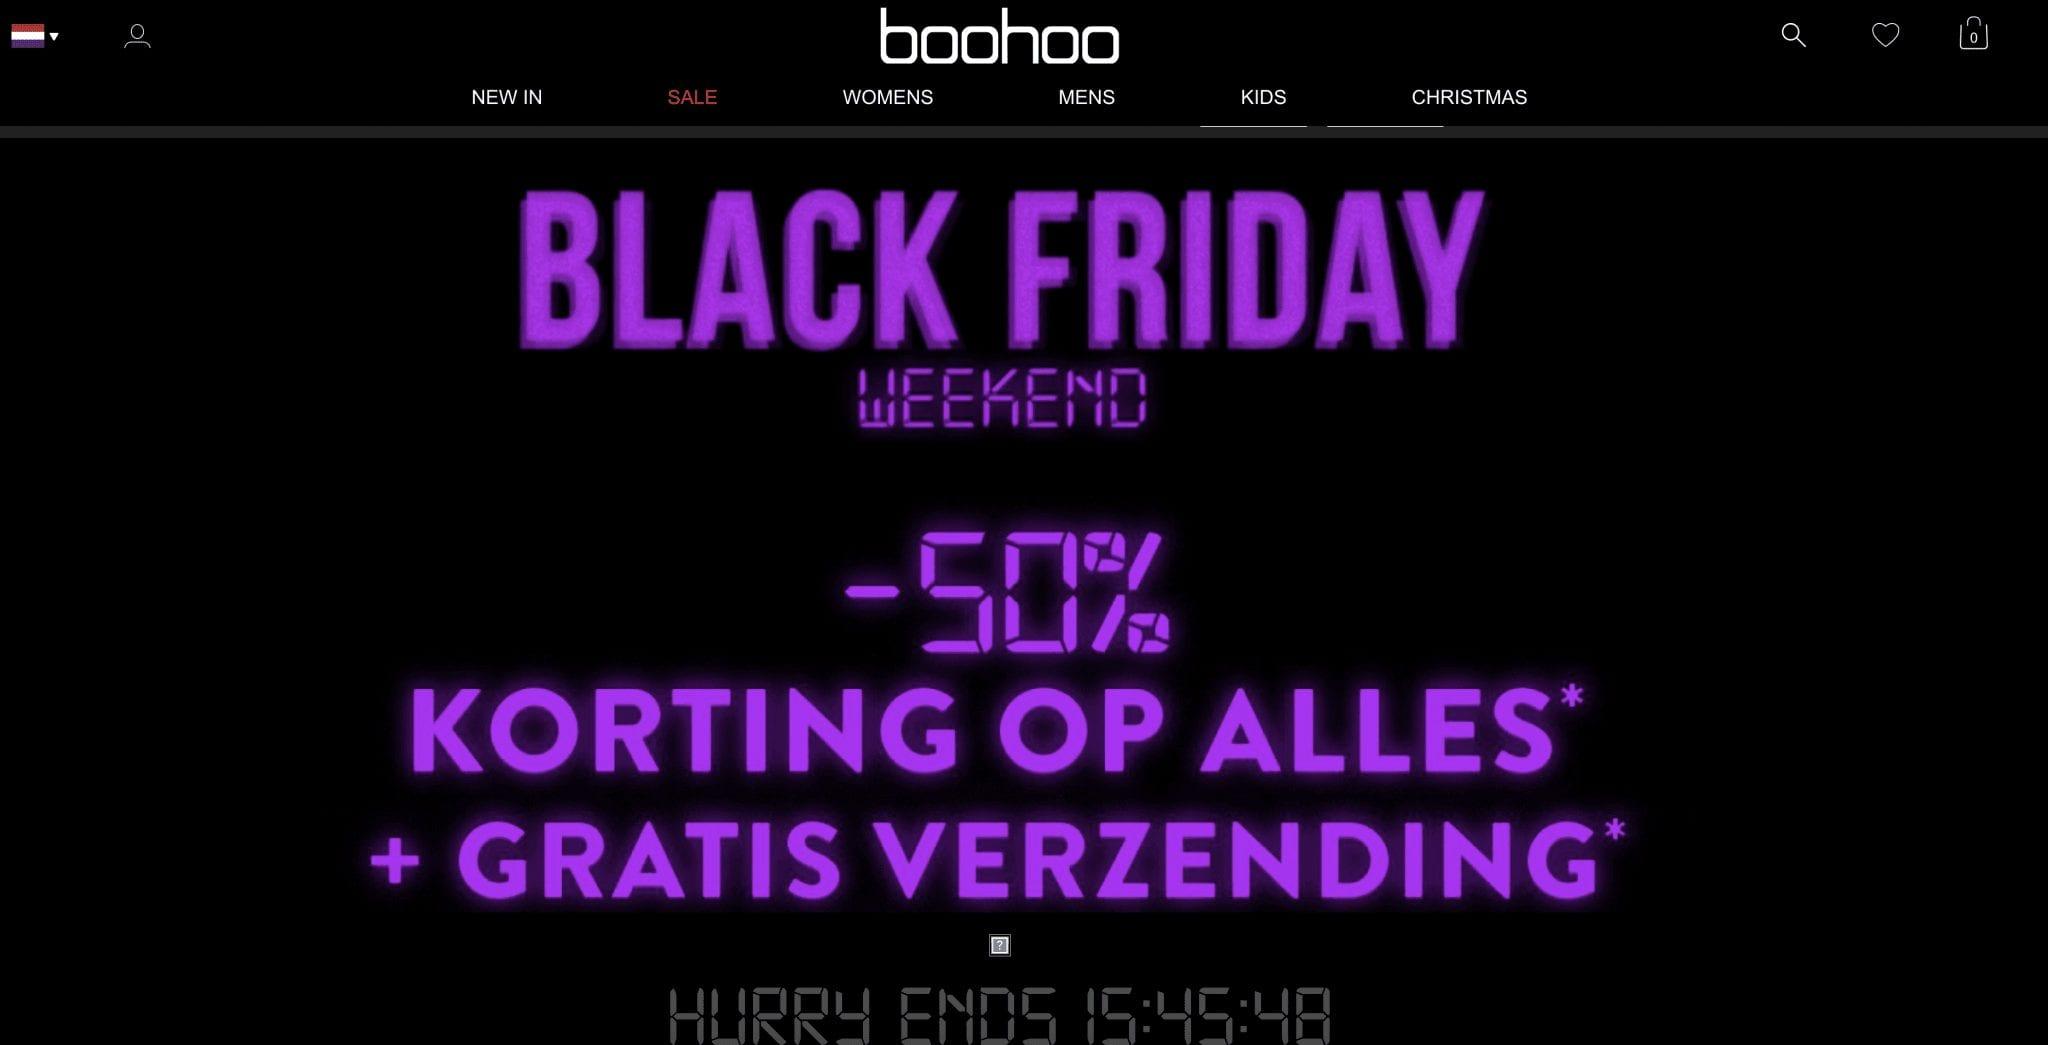 Black Friday Boohoo